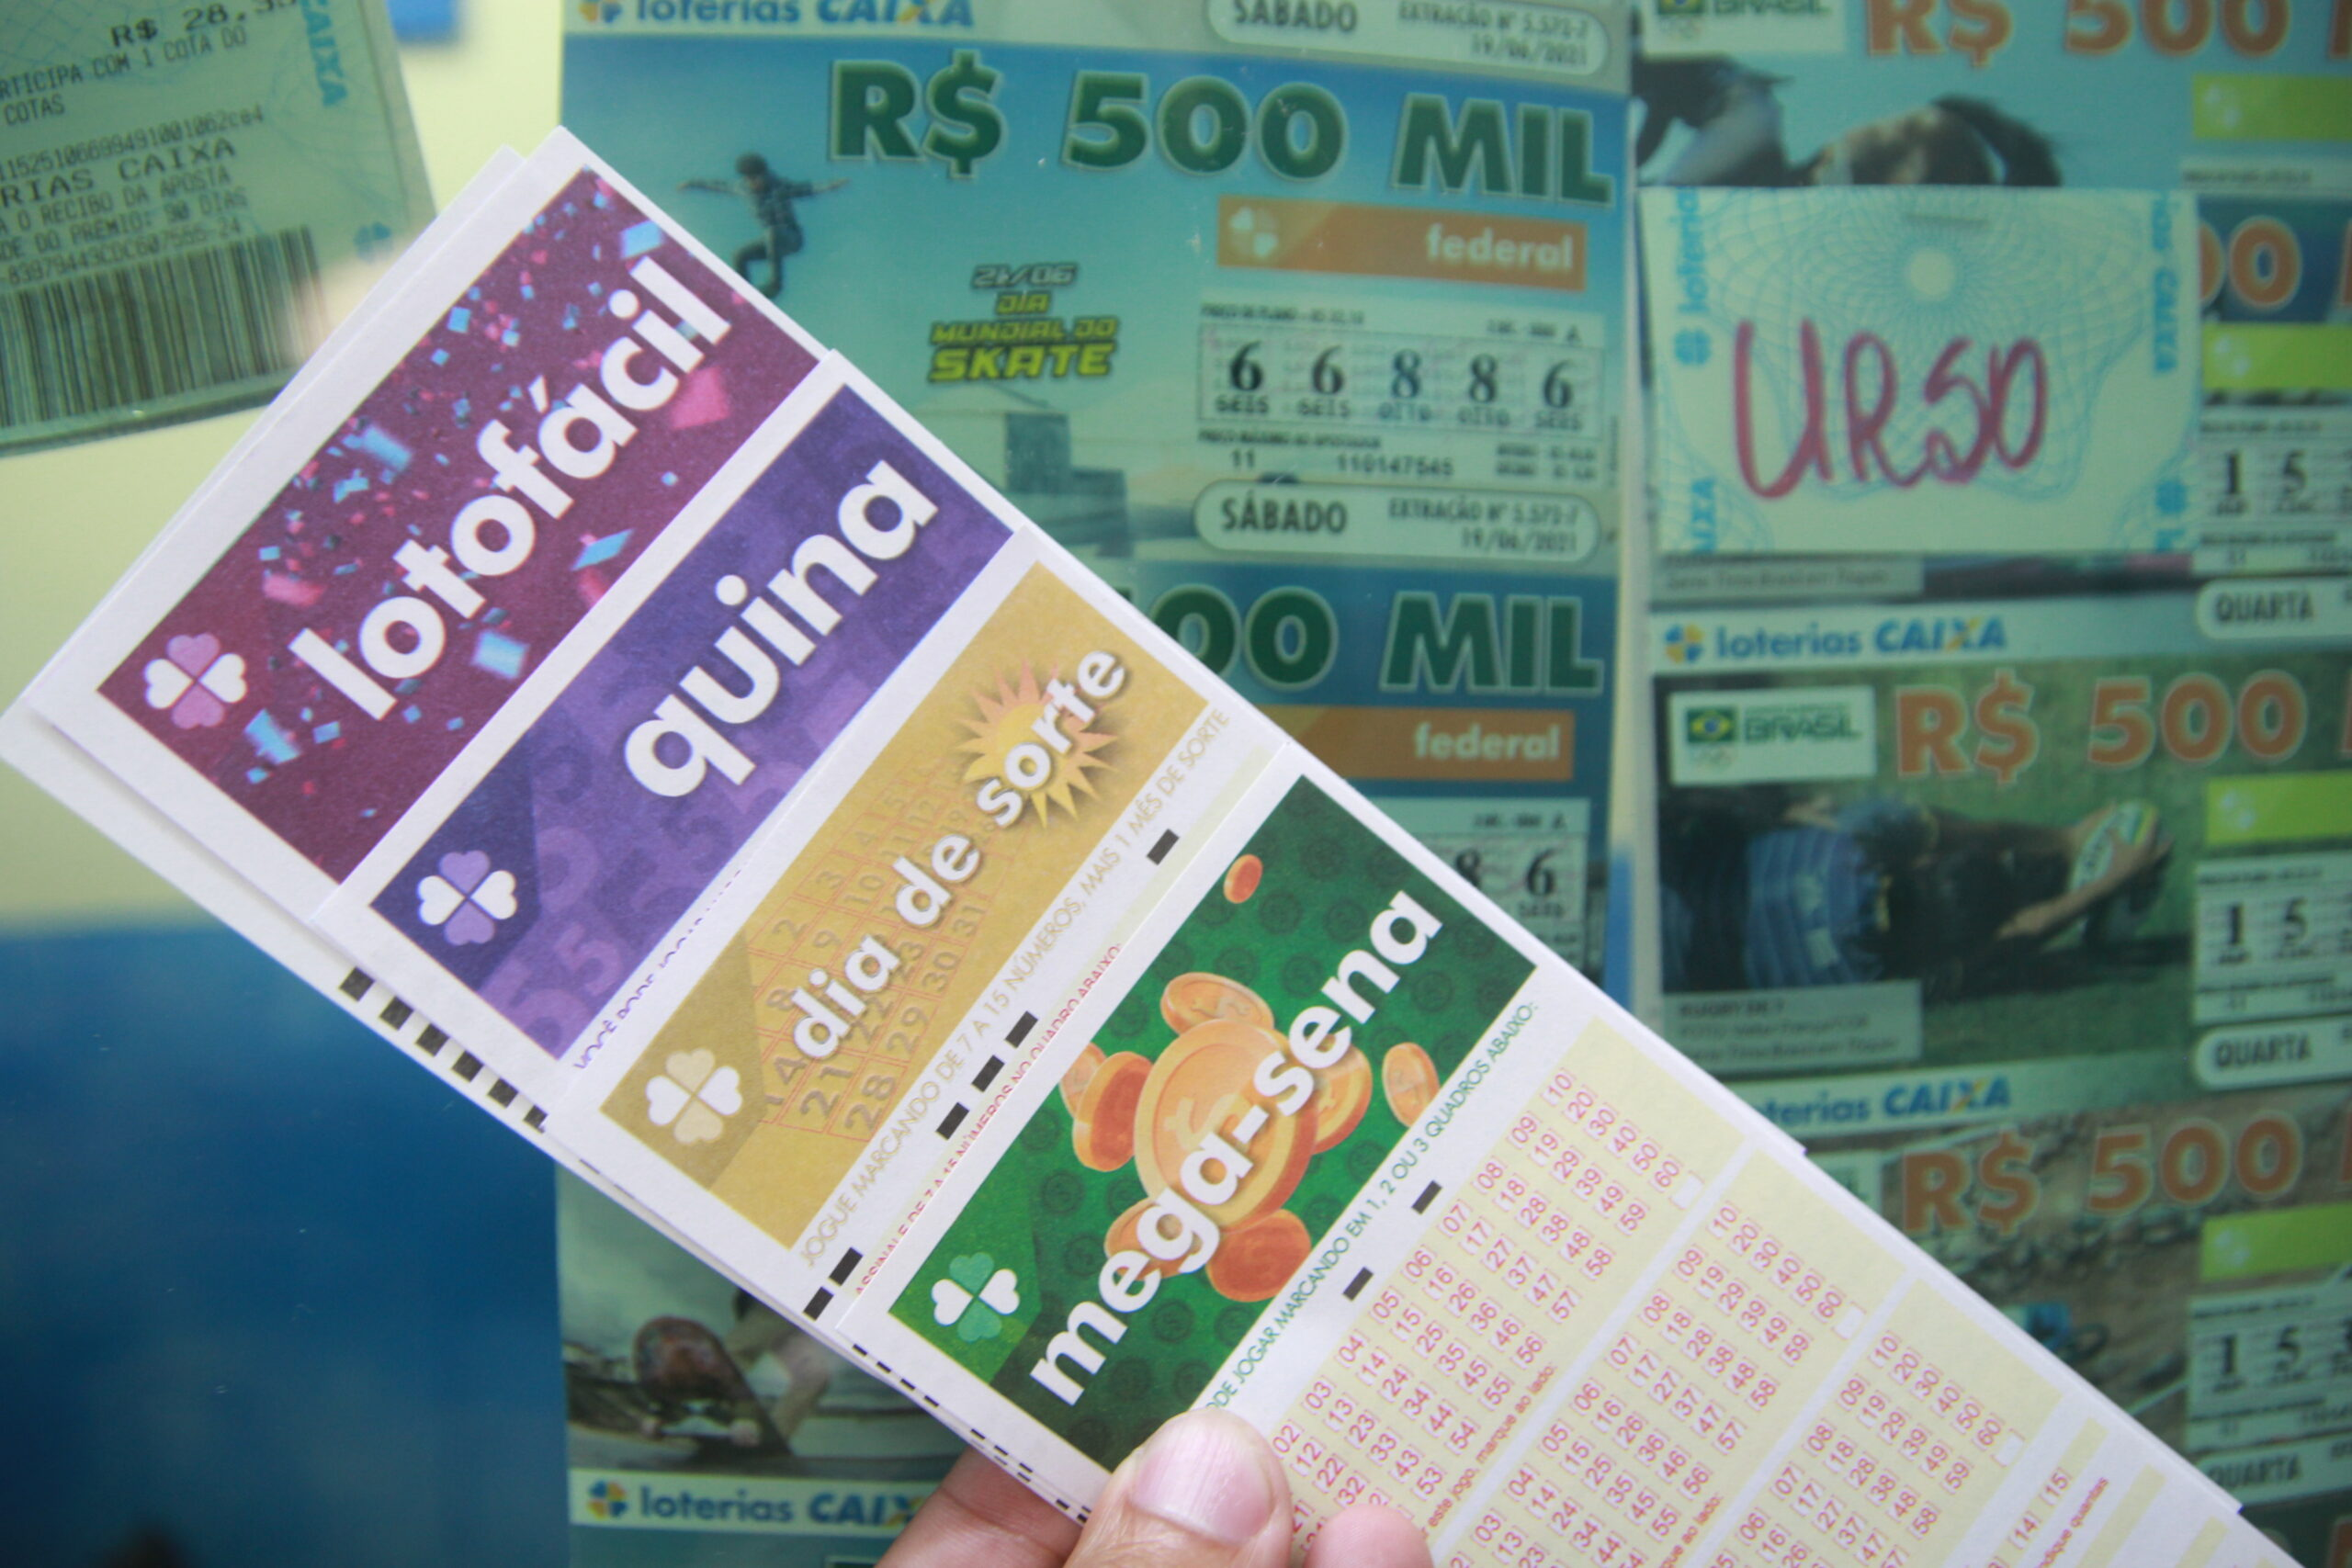 Loterias: confira o resultado da Mega-Sena 2423, Lotofácil 2358 e outros sorteios de quarta (27/10)